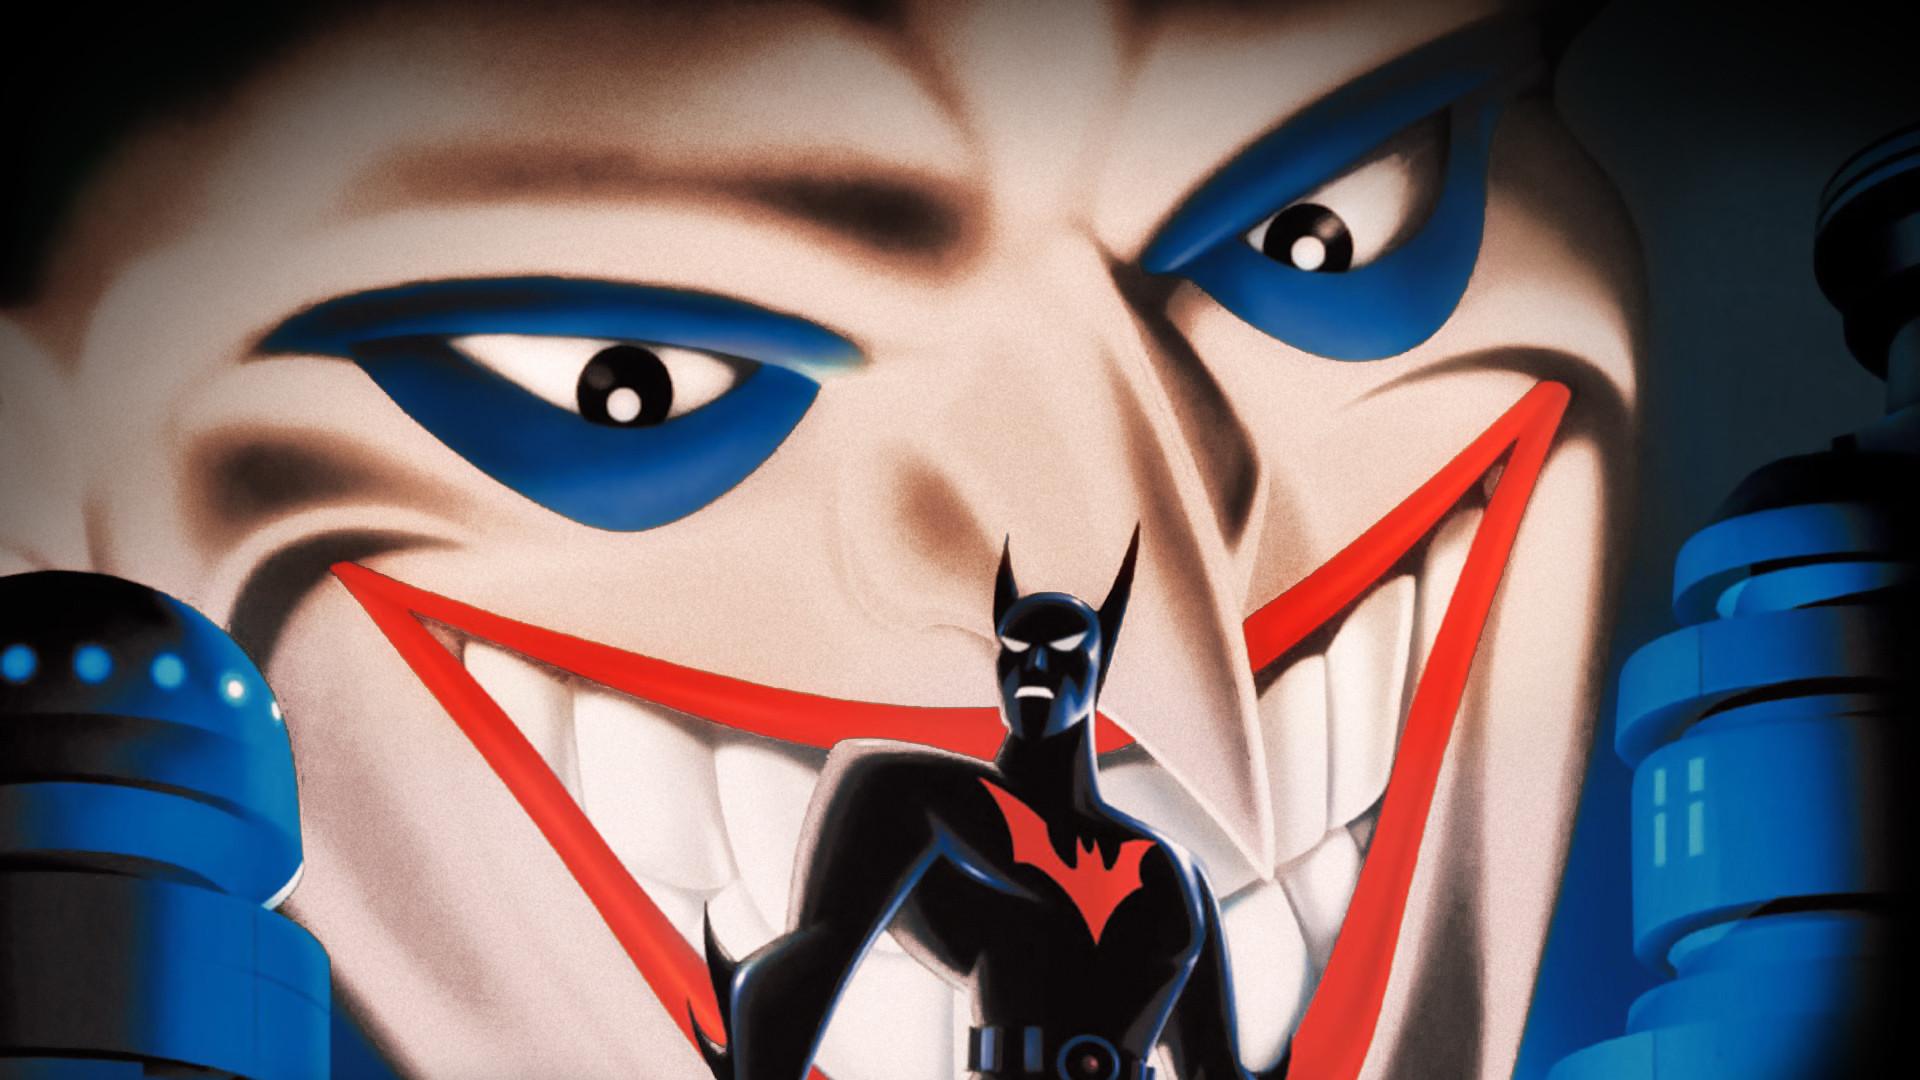 3 Batman Beyond: Return of the Joker HD Wallpapers   Backgrounds – Wallpaper  Abyss